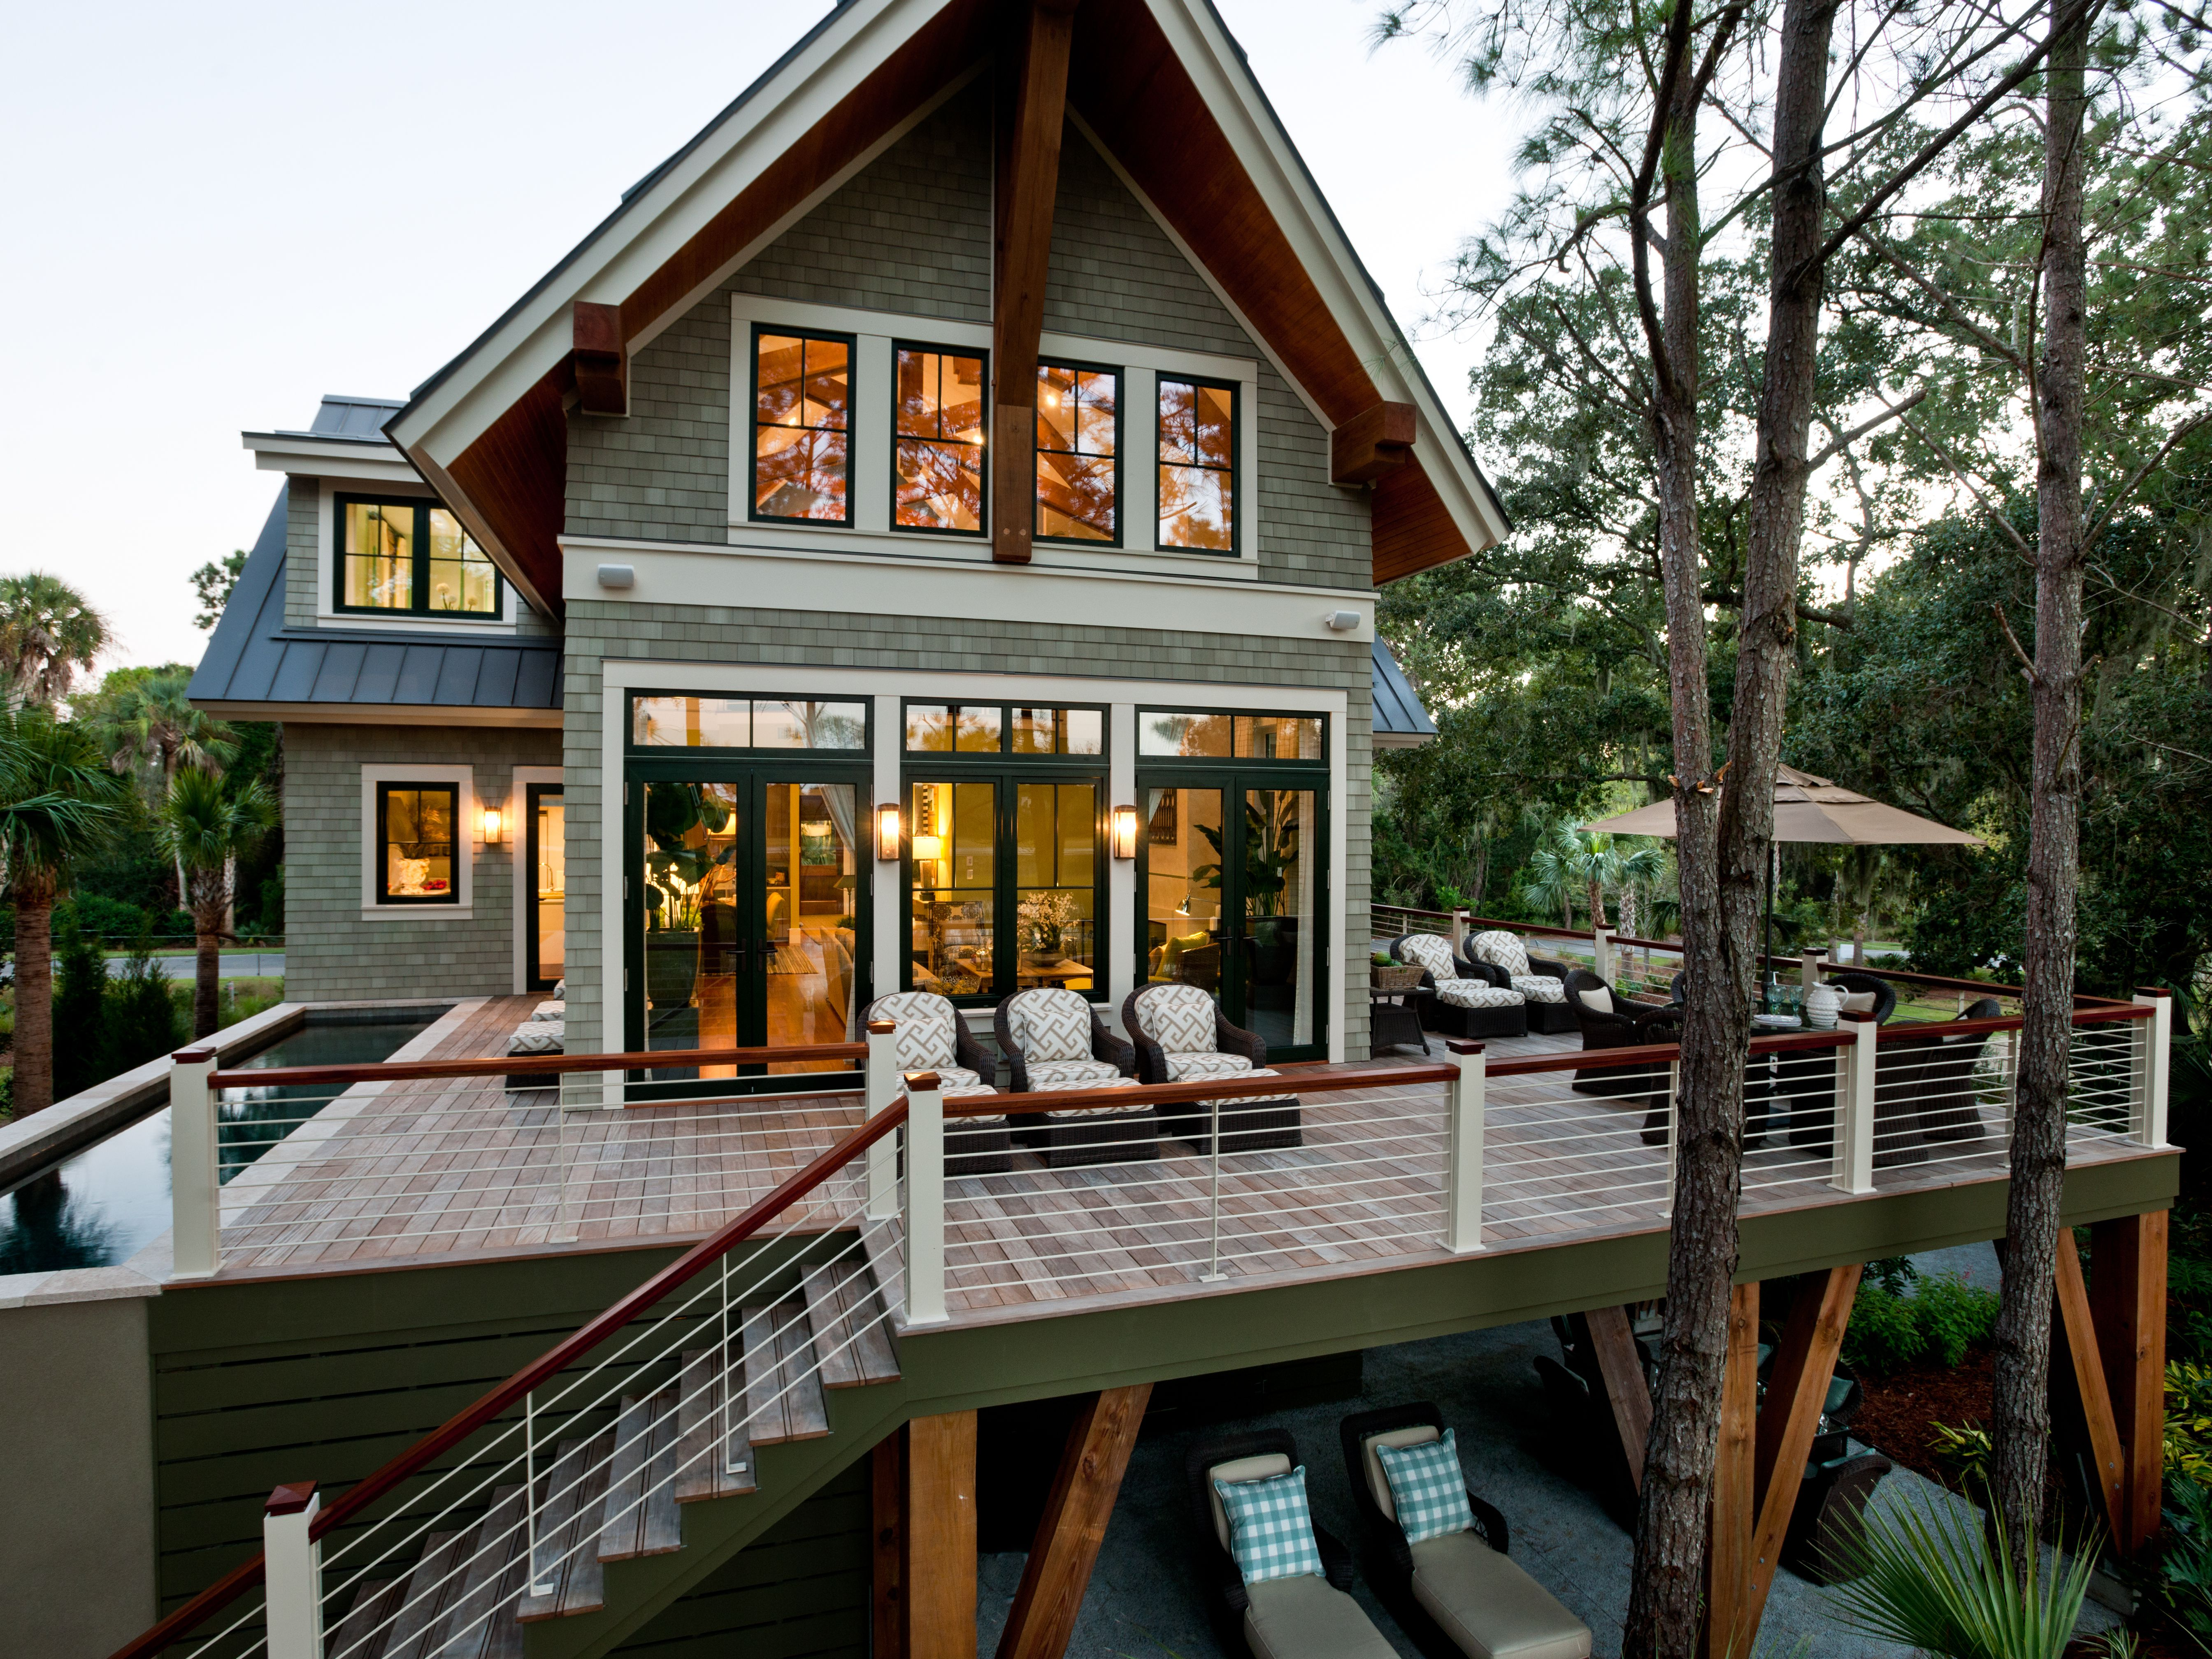 Exterior of the 2013 HGTV Dream Home.